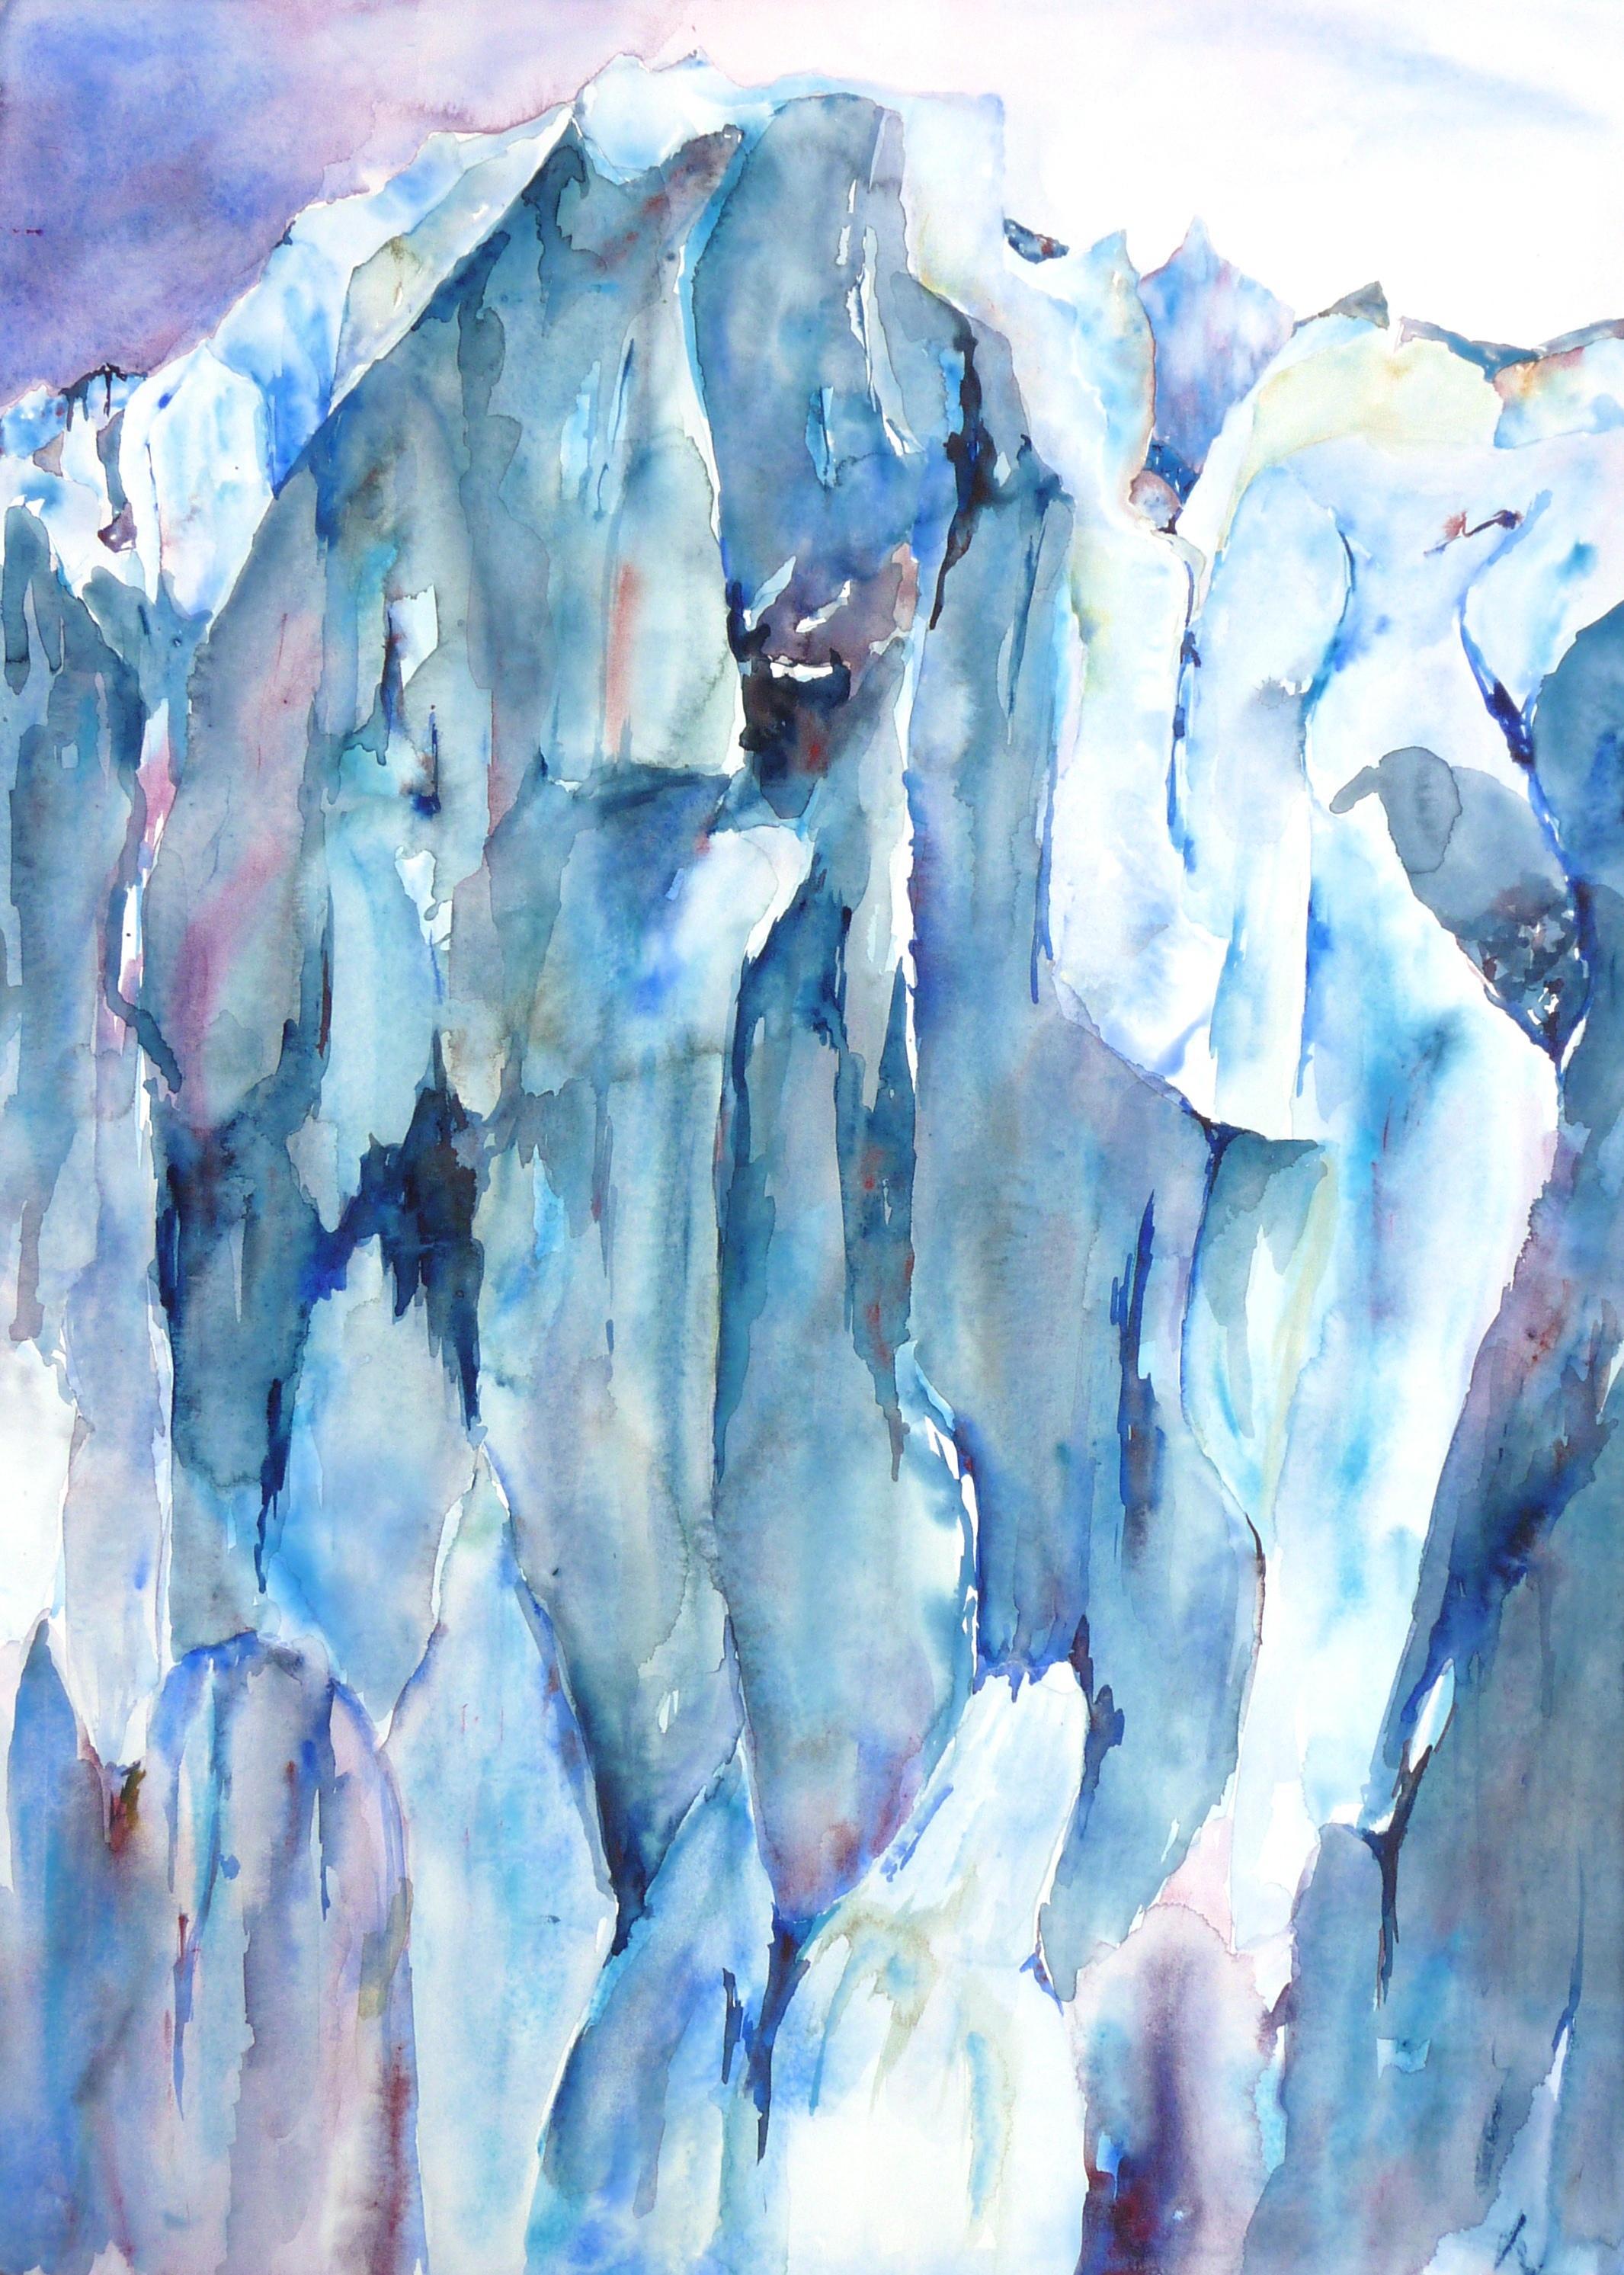 Alasken Glacier by Lisa Goren, part of the Jamaica Plain exhibition at the BCEC